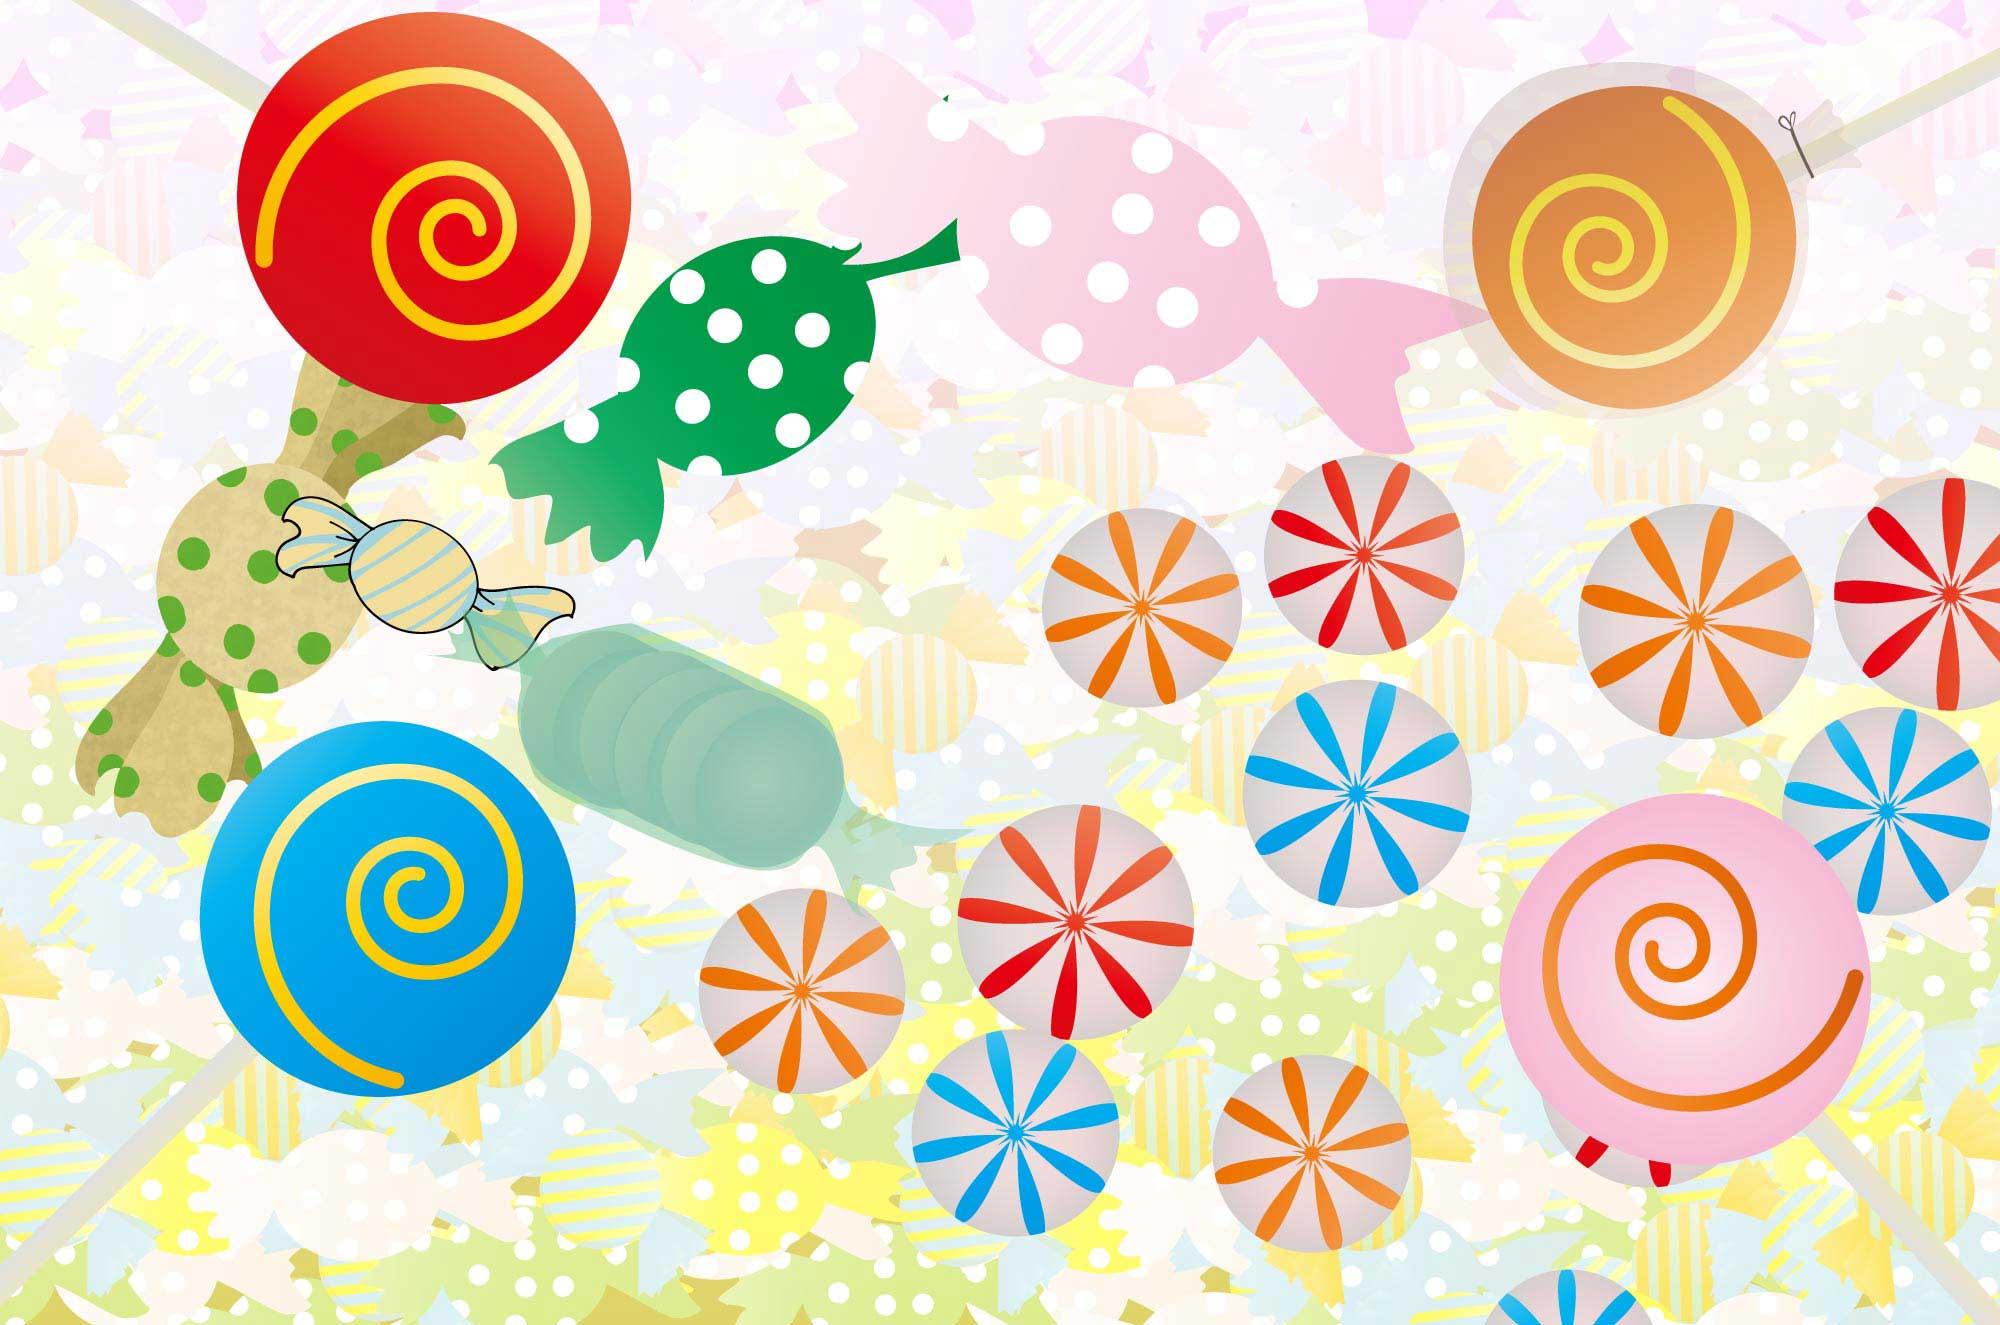 可愛いキャンディのイラスト - カラフルポップな飴の素材